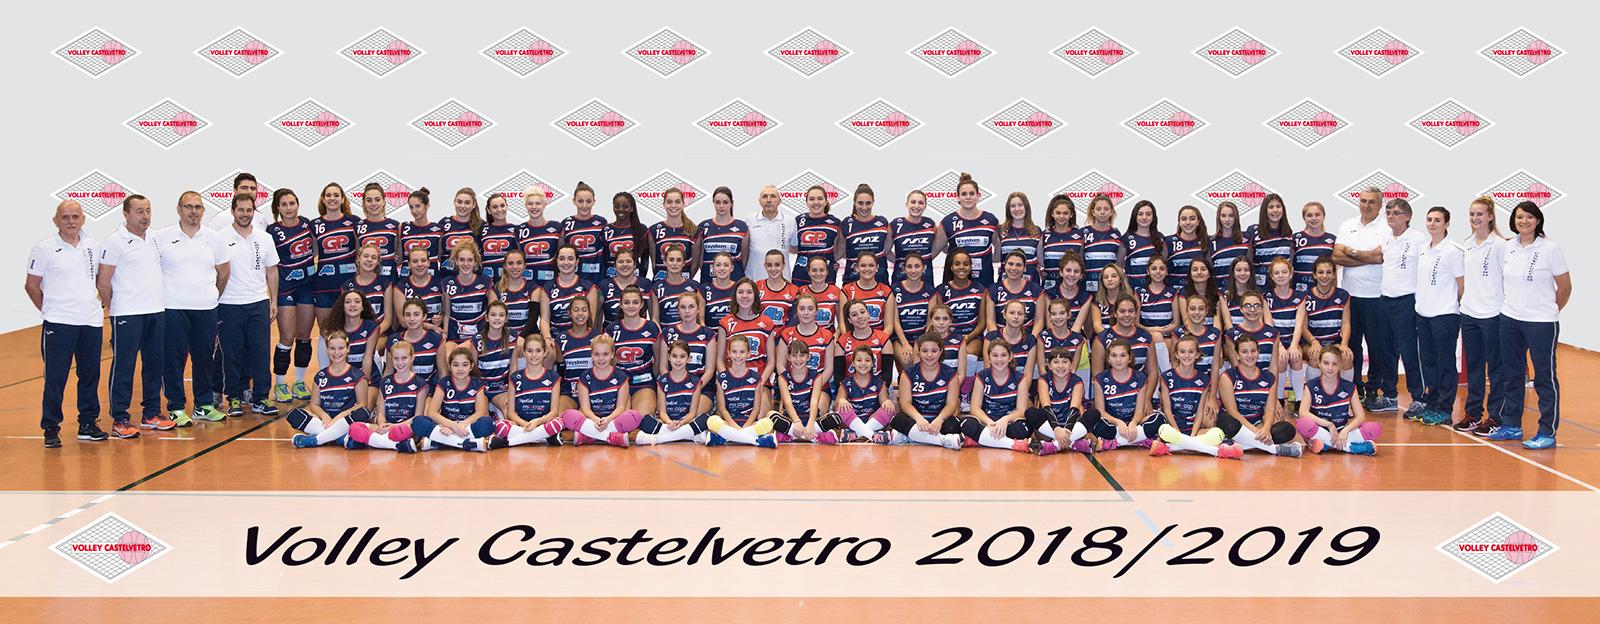 Volley Castelvetro 2018-2019